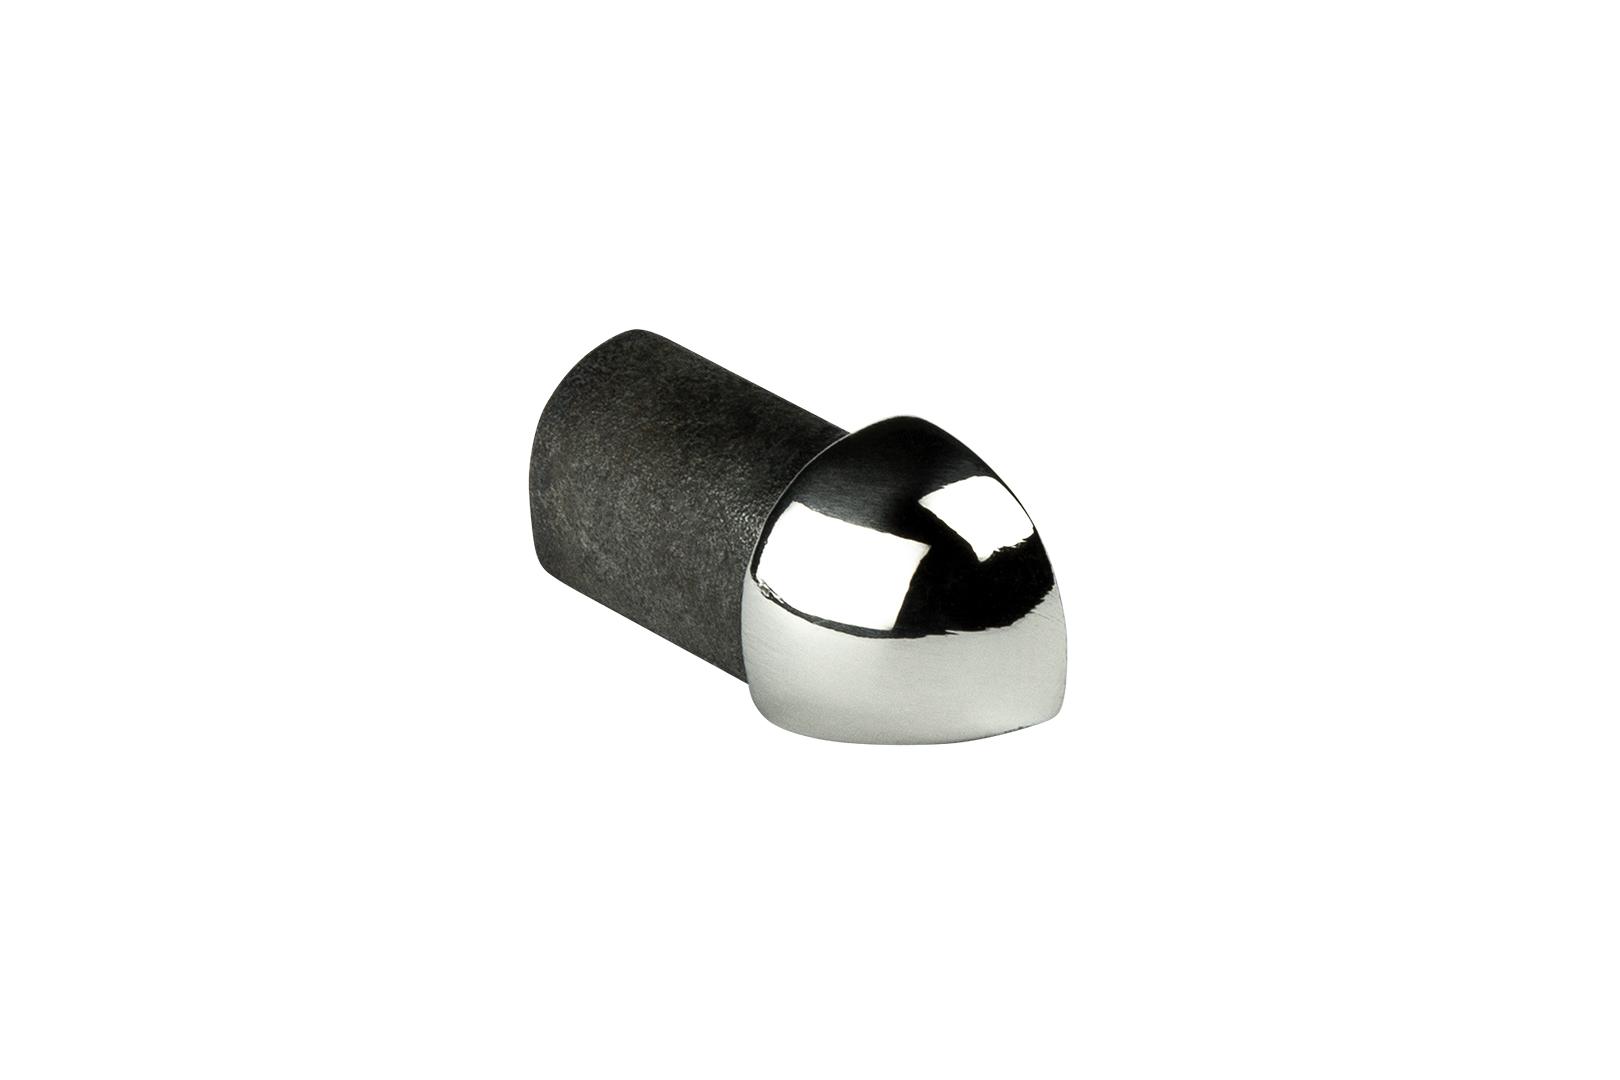 Eckstück | Viertelkreisprofil | Edelstahl | HEXIM | 10-12mm | HEX501